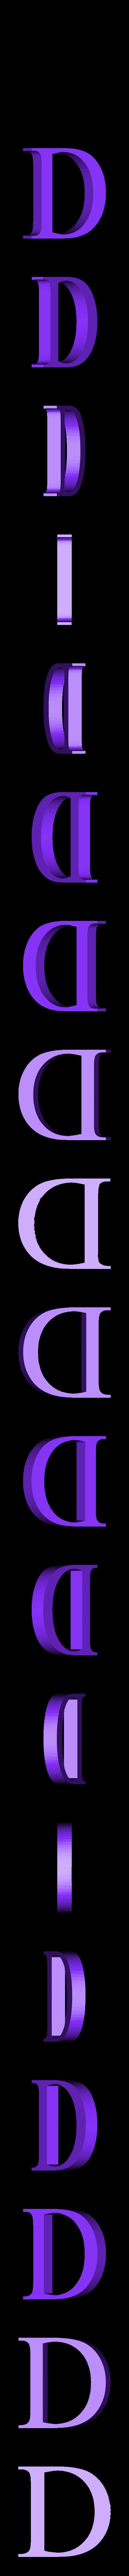 D.STL Télécharger fichier STL gratuit alphabet • Modèle pour imprimante 3D, Cerega